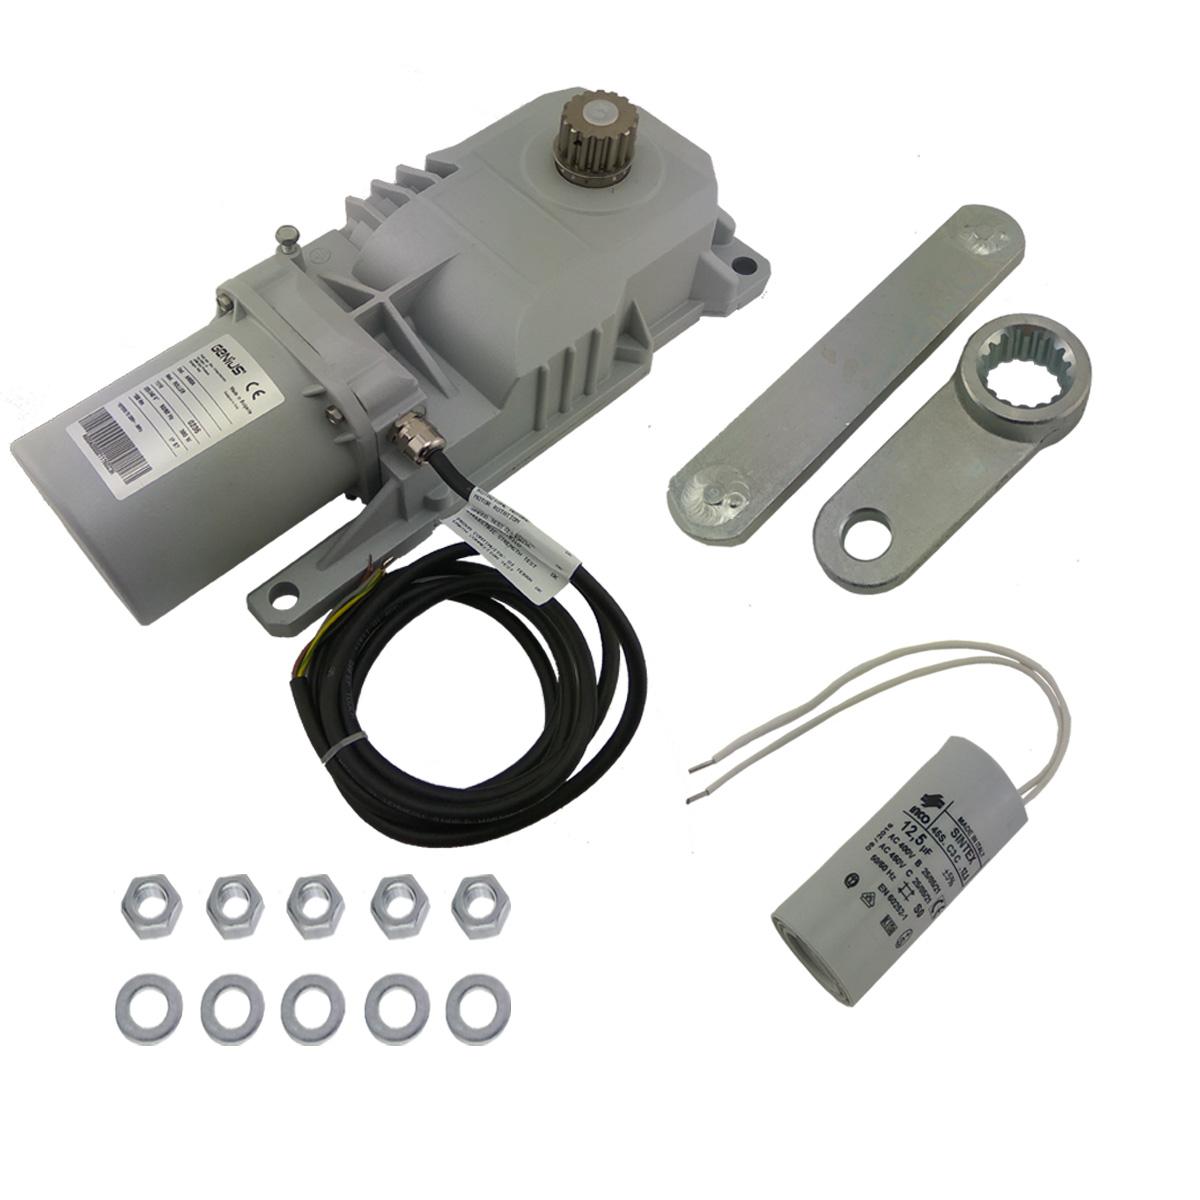 Motori Per Cancelli A Due Ante Faac.Motore Battente Interrato 230v Originale Faac Genius Roller 6170077